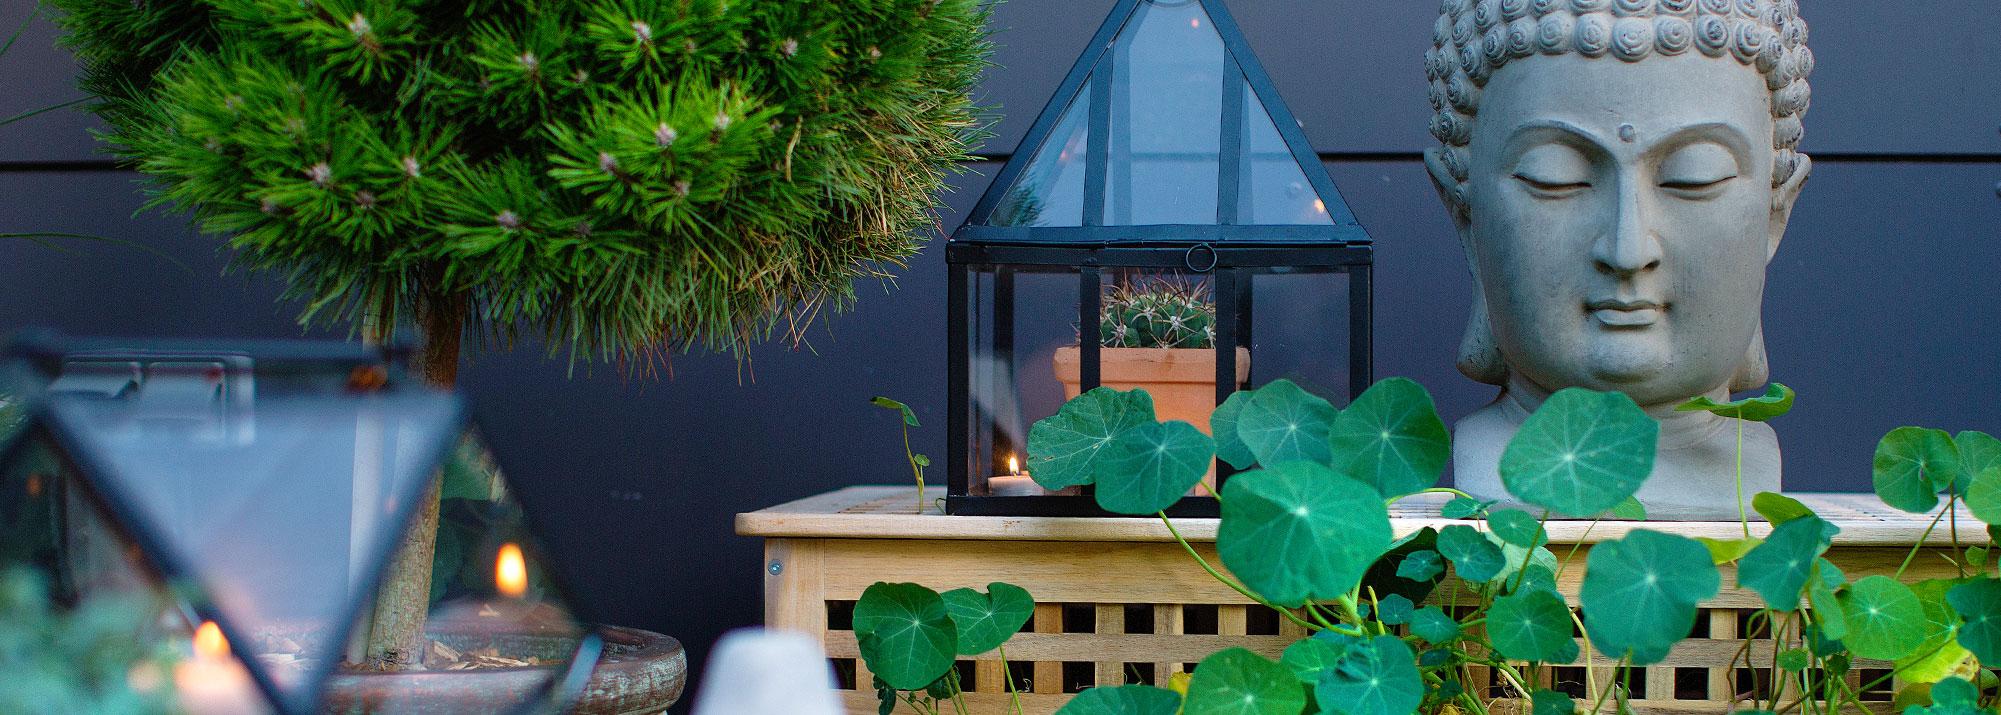 Décoration Du Jardin : Décoration Et Aménagement Du Jardin ... avec Decoration Minerale Jardin